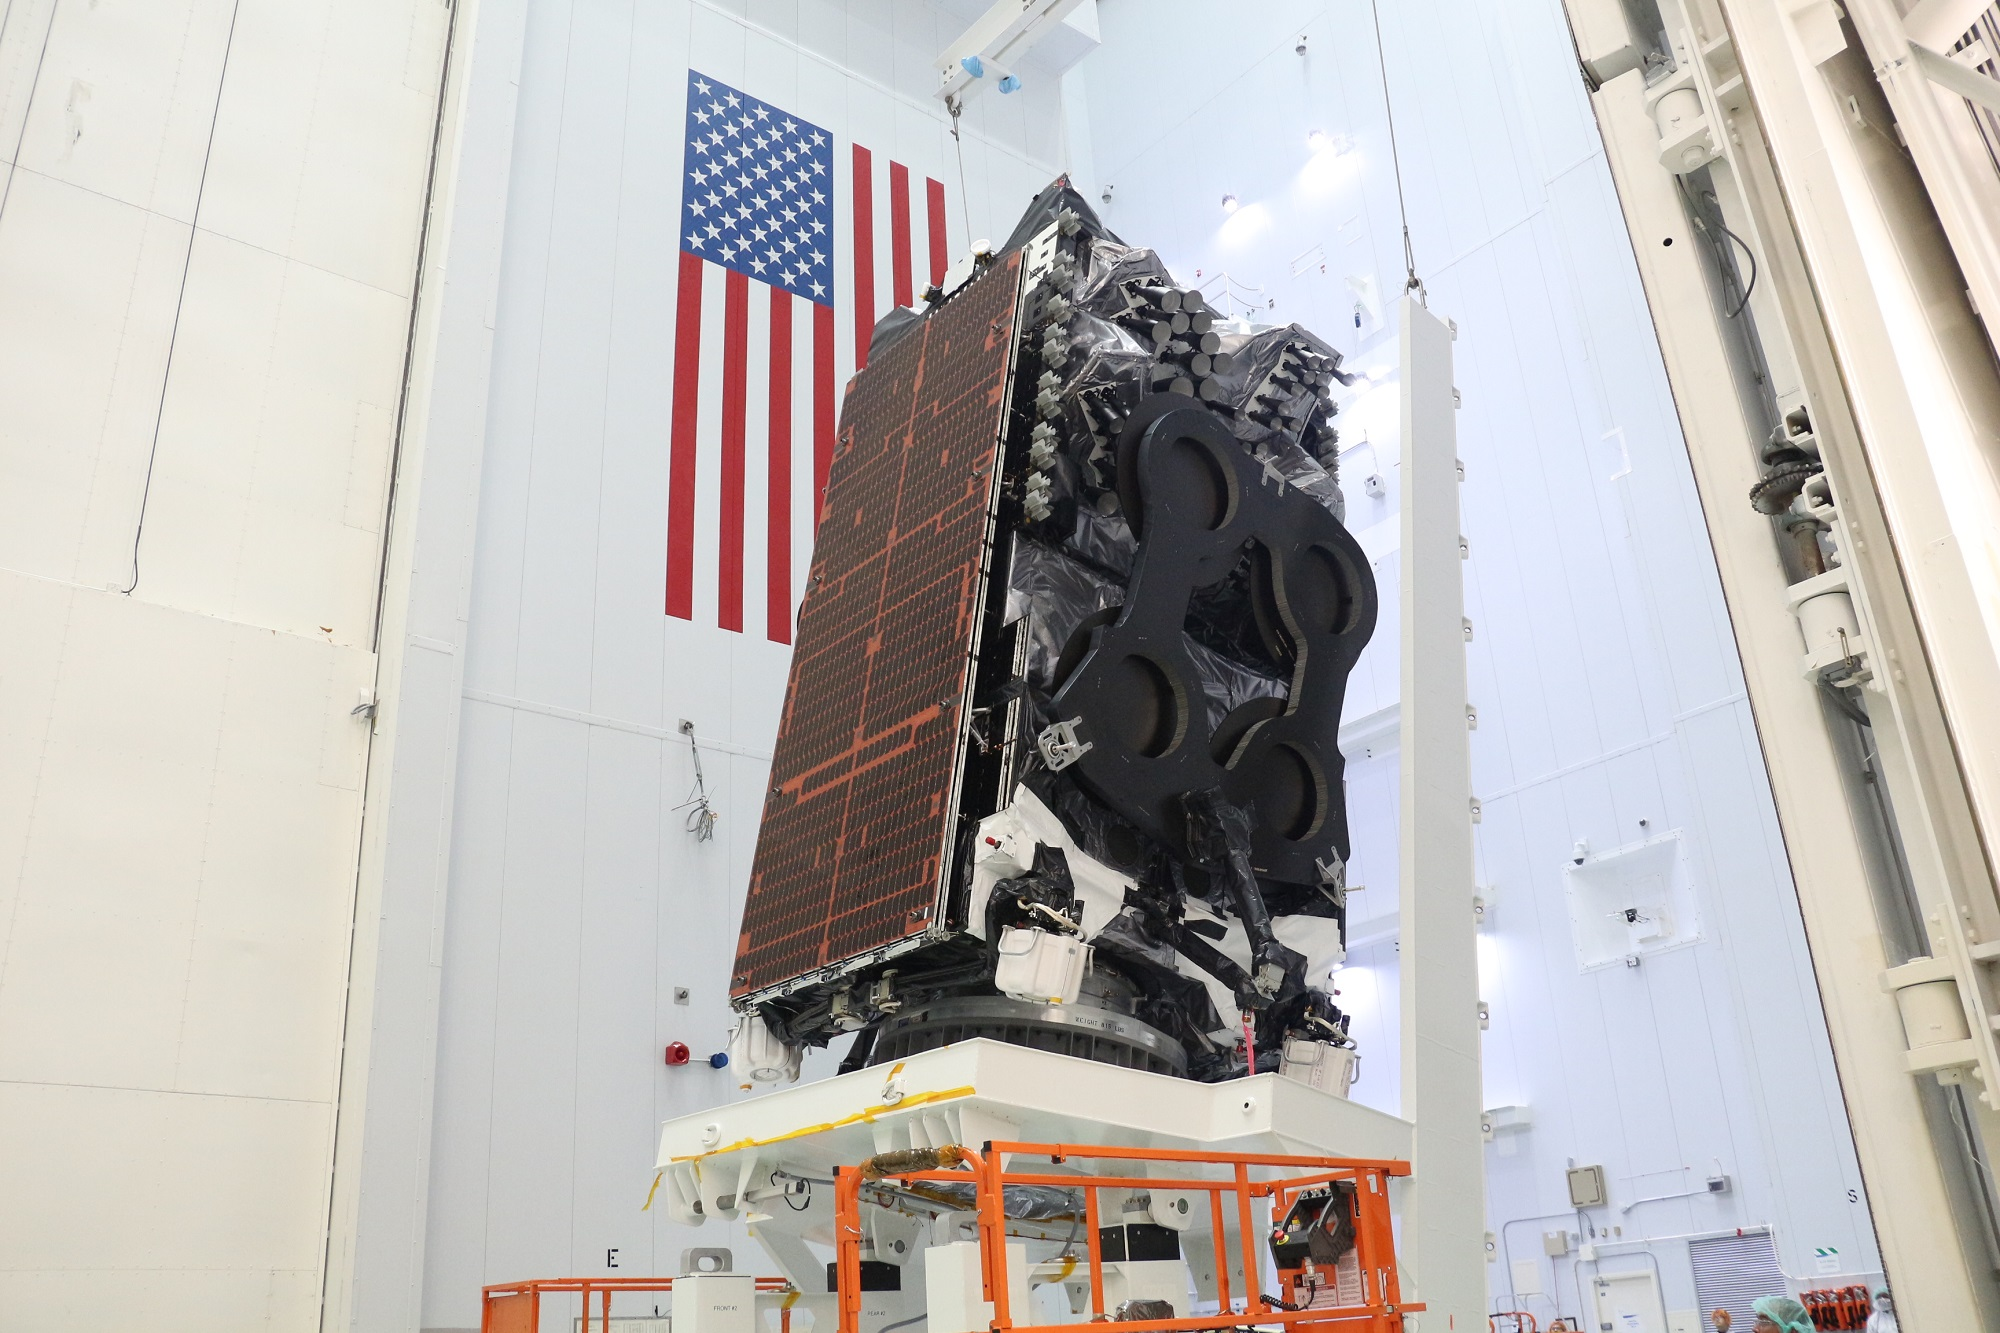 SpaceX вывела на орбиту очень тяжелый спутник связи JCSAT 18/Kacific 1, сохранив первую ступень Falcon 9, но поймать створки головного обтекателя в сеть на сей раз не удалось